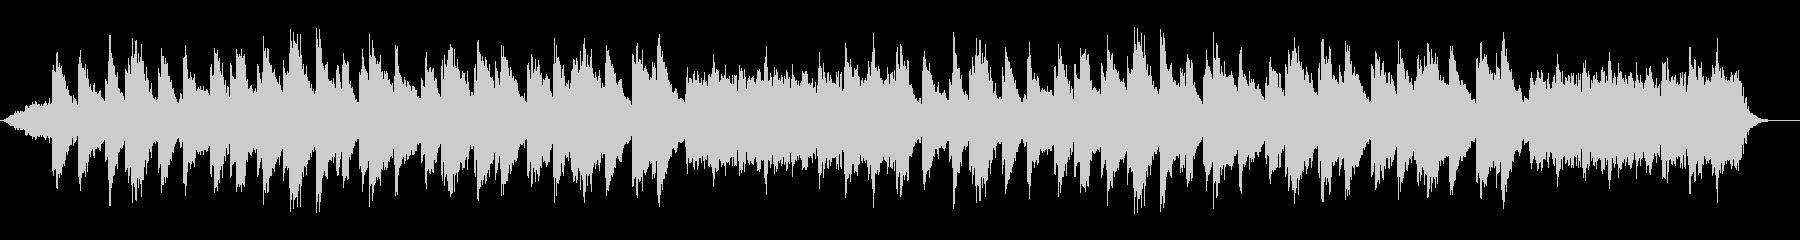 アンビエント 淡々 弦楽器 ハープの未再生の波形